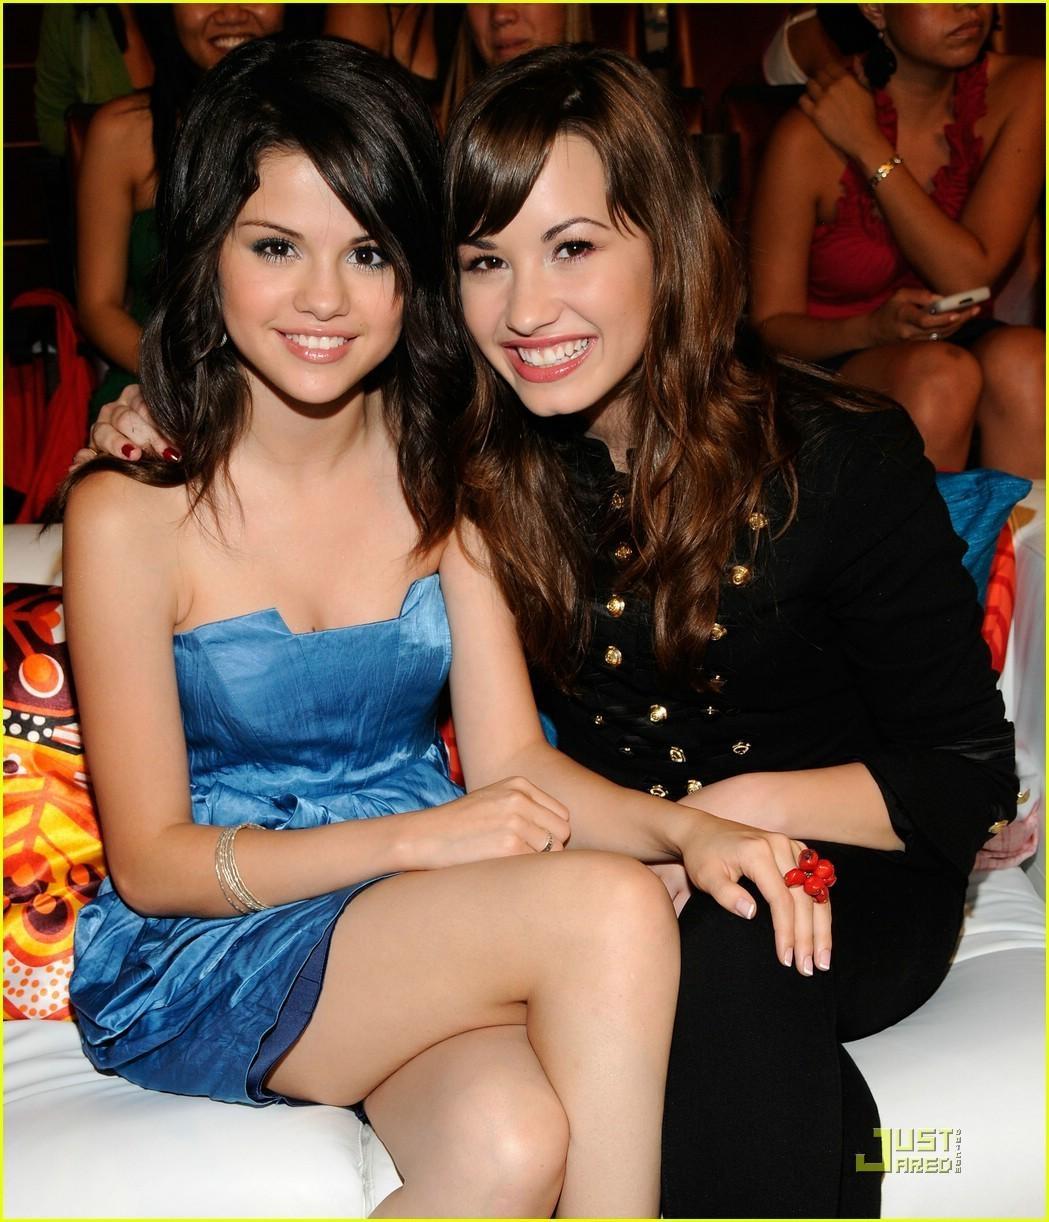 http://3.bp.blogspot.com/-d_pTen4Yoog/T_wyzF0Q19I/AAAAAAAABY0/n_gYvtVzhxE/s1600/Demi+Lovato14.jpg